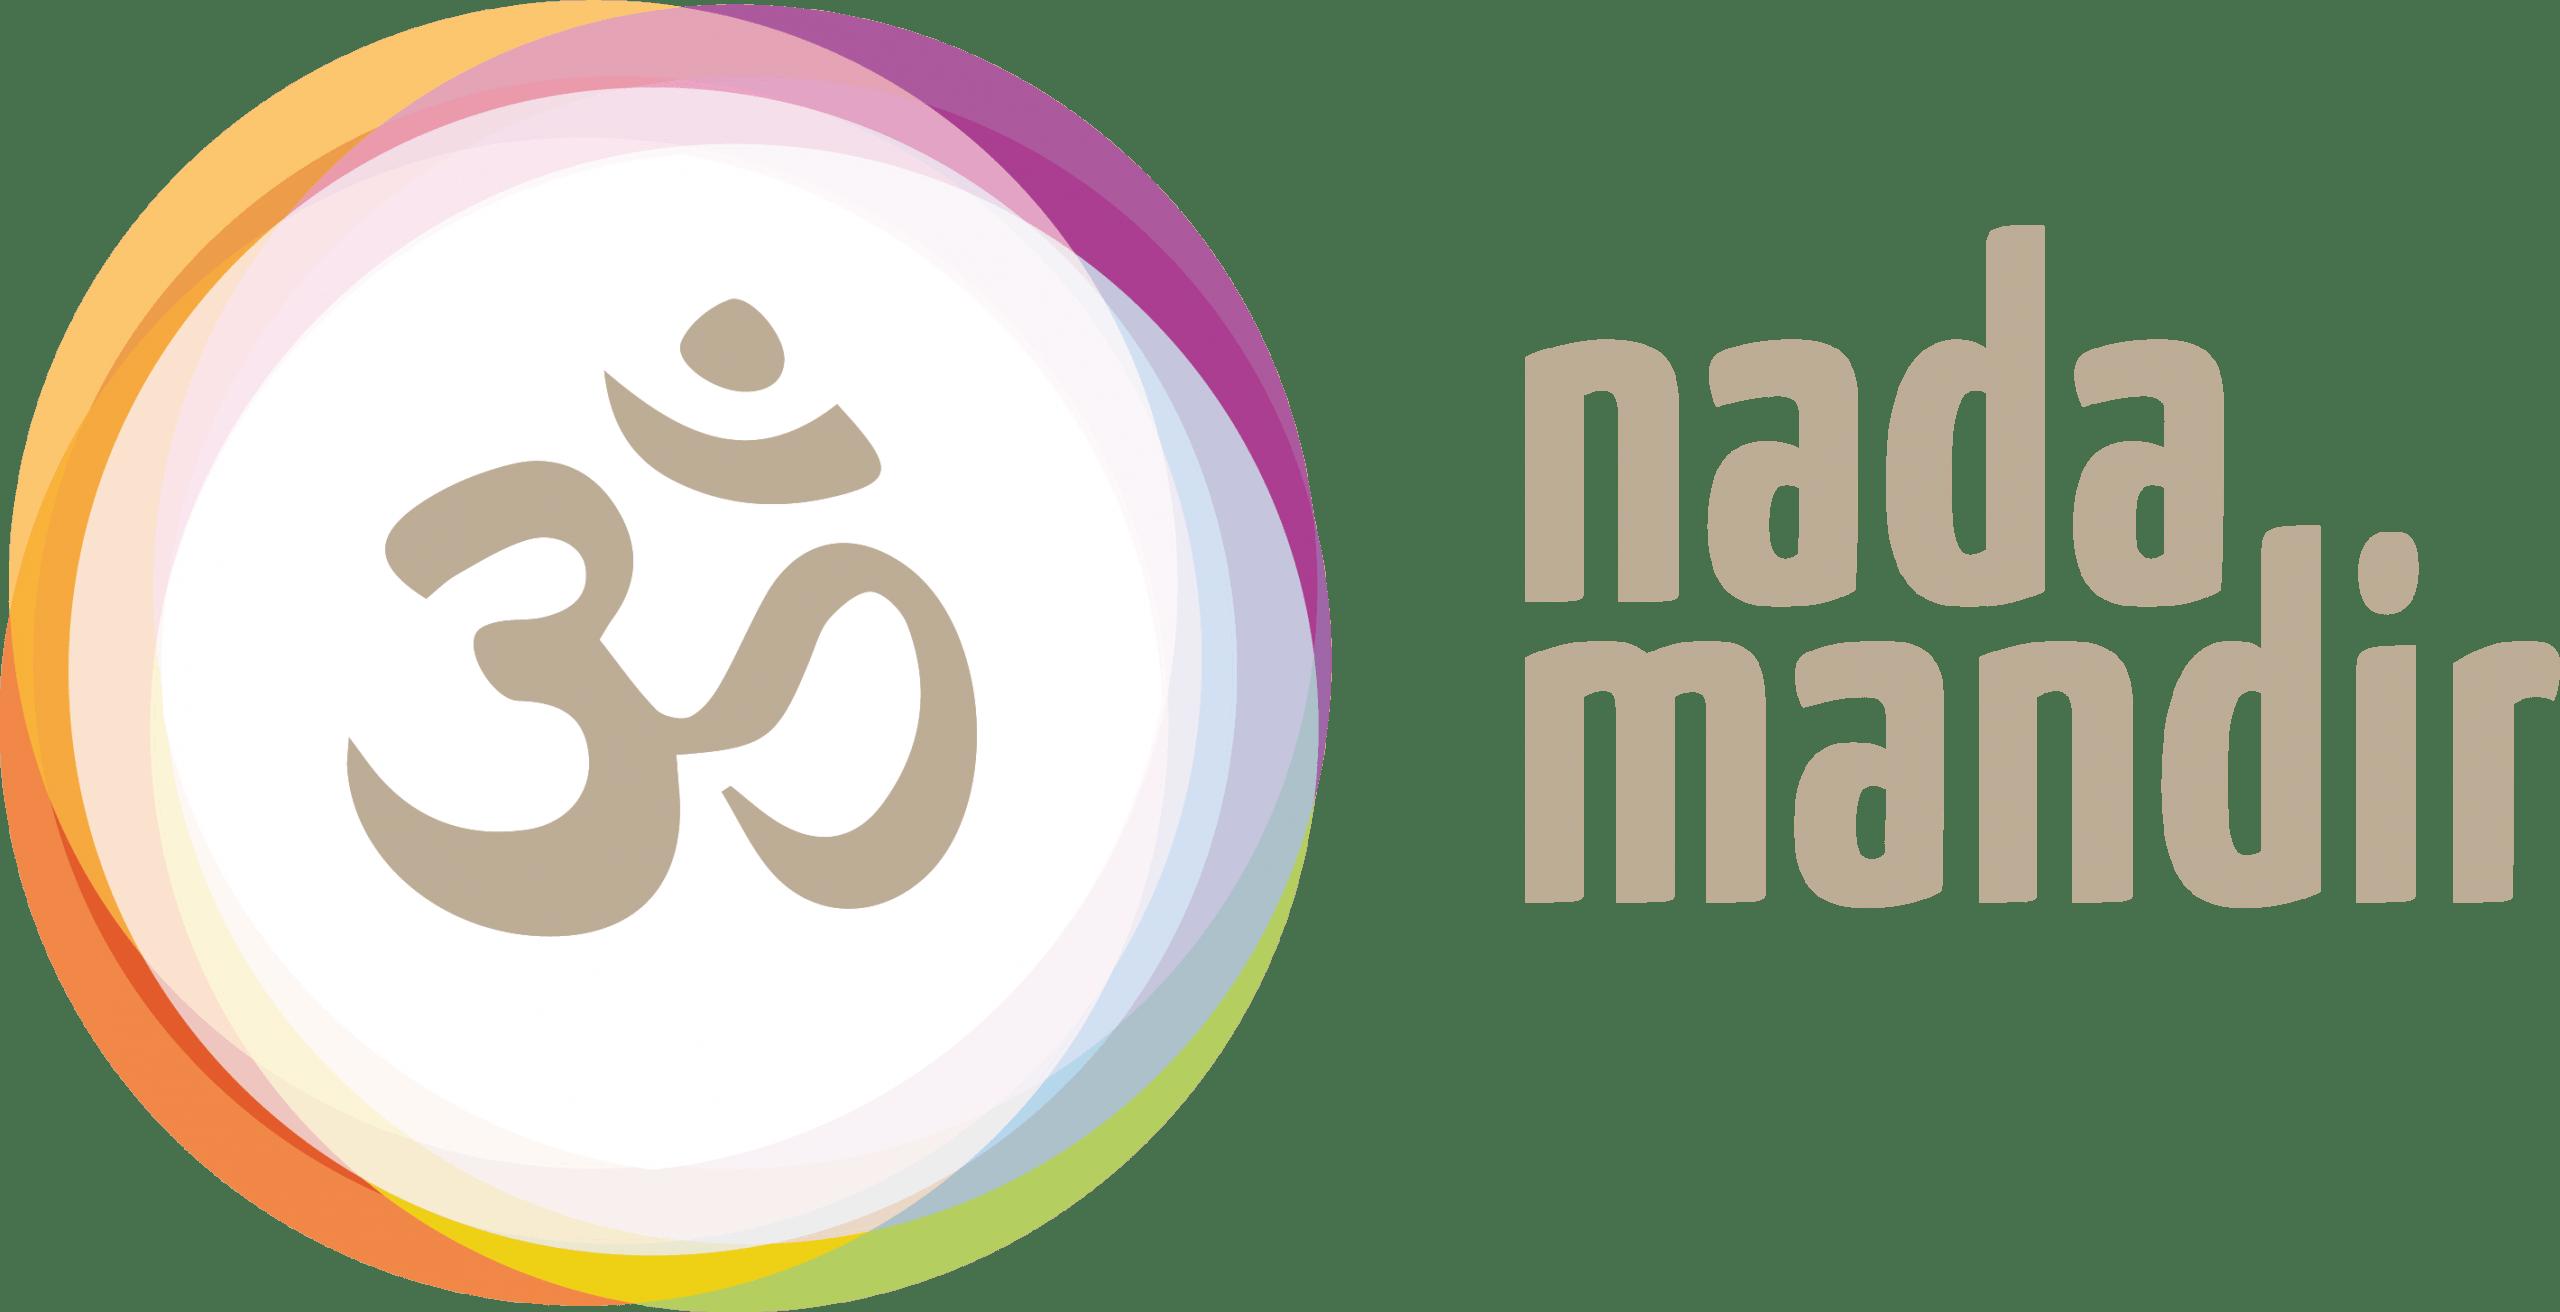 NadaMandir